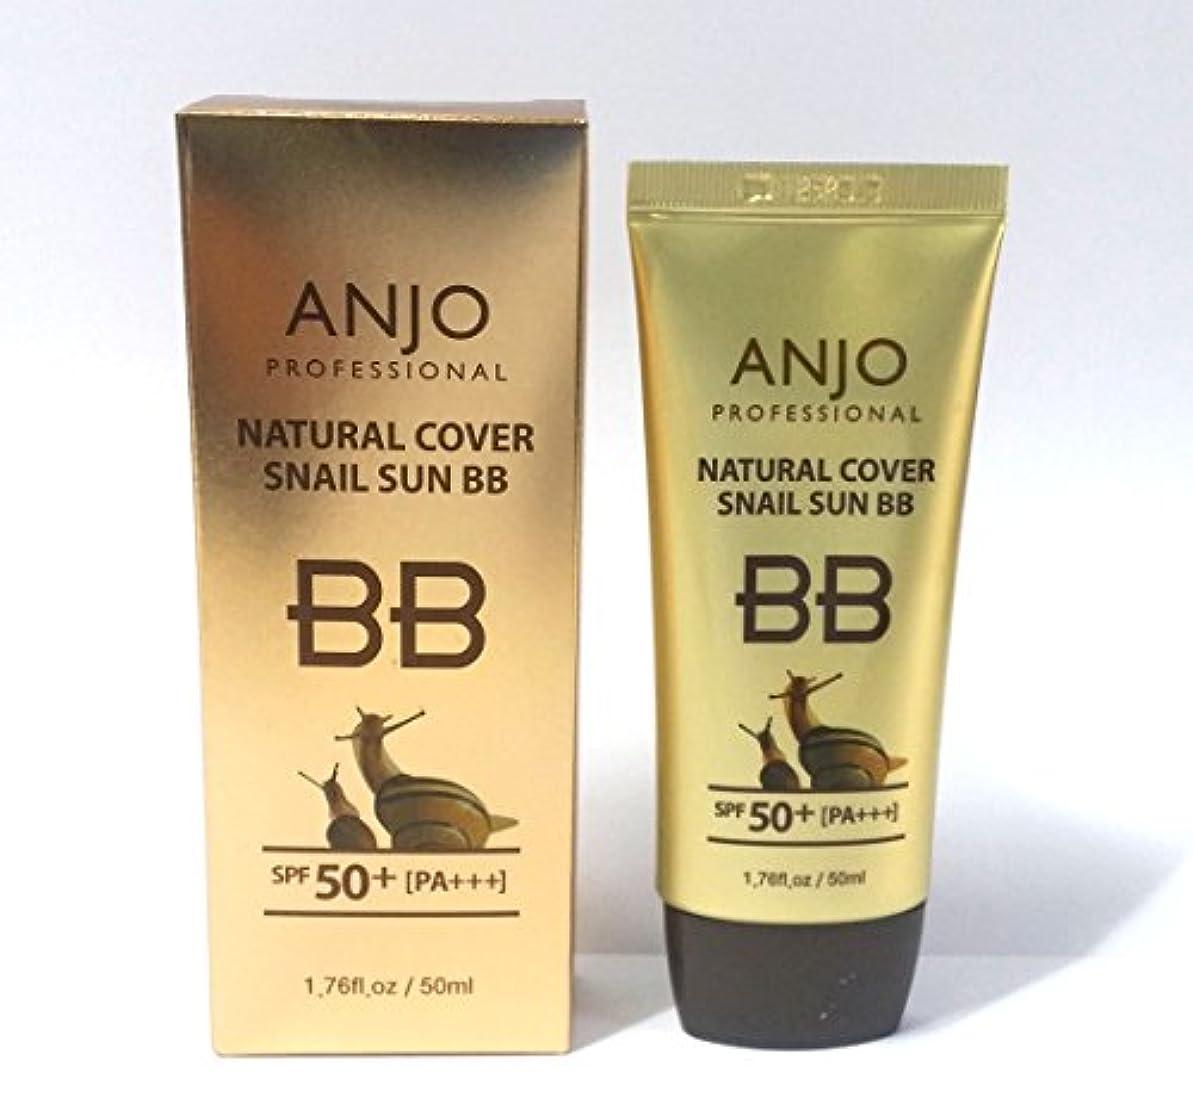 ブース官僚良心的[ANJO] ナチュラルカバーカタツムリサンBBクリームSPF 50 + PA +++ 50ml X 3EA /メイクアップベース/カタツムリ粘液 / Natural Cover Snail Sun BB Cream SPF...